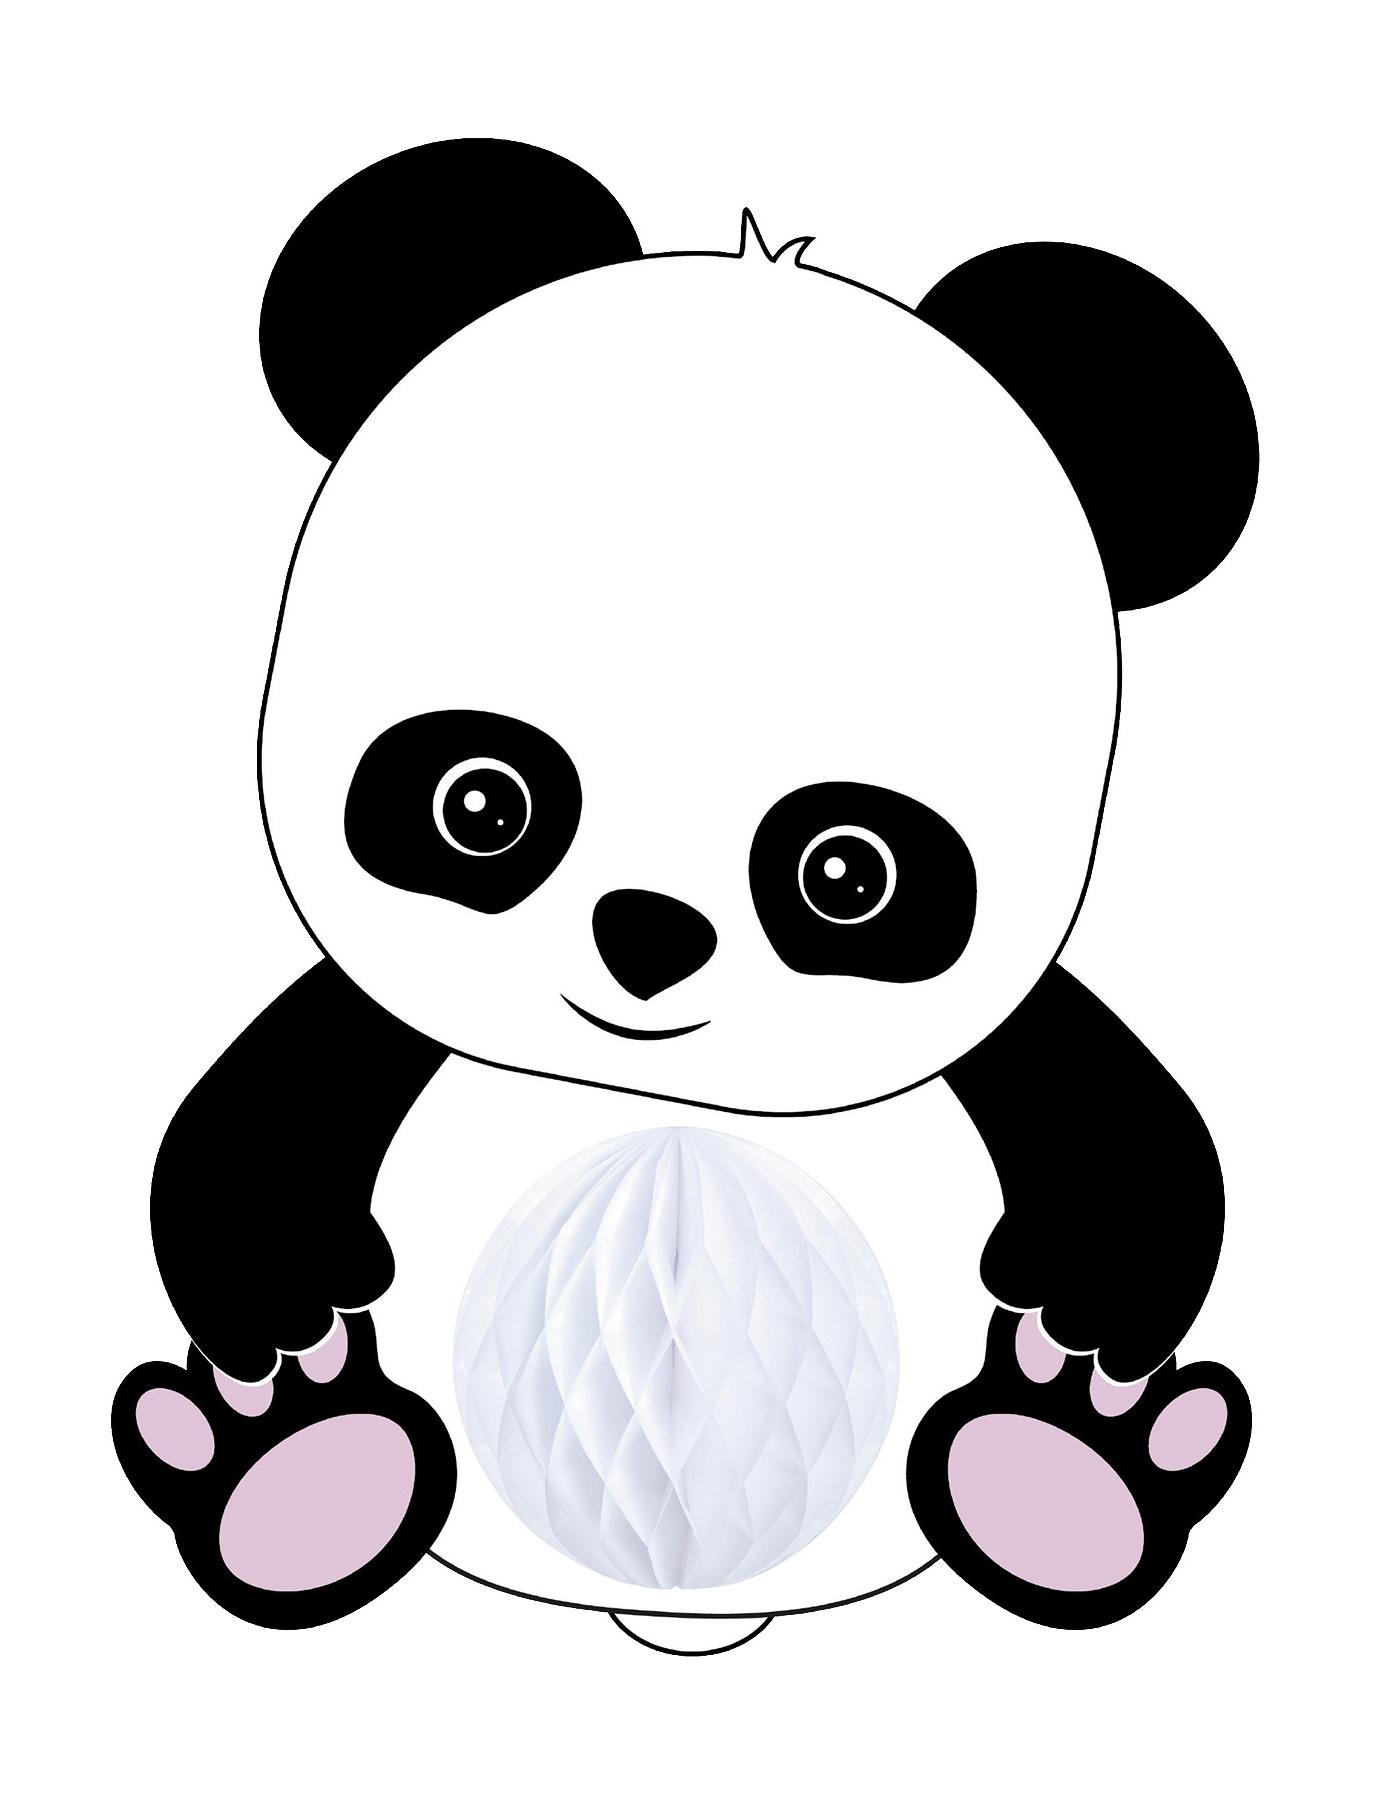 Suspension Bébé Panda Alvéolée 20 Cm Décoration Anniversaire Et Fêtes à Thème Sur Vegaoo Party